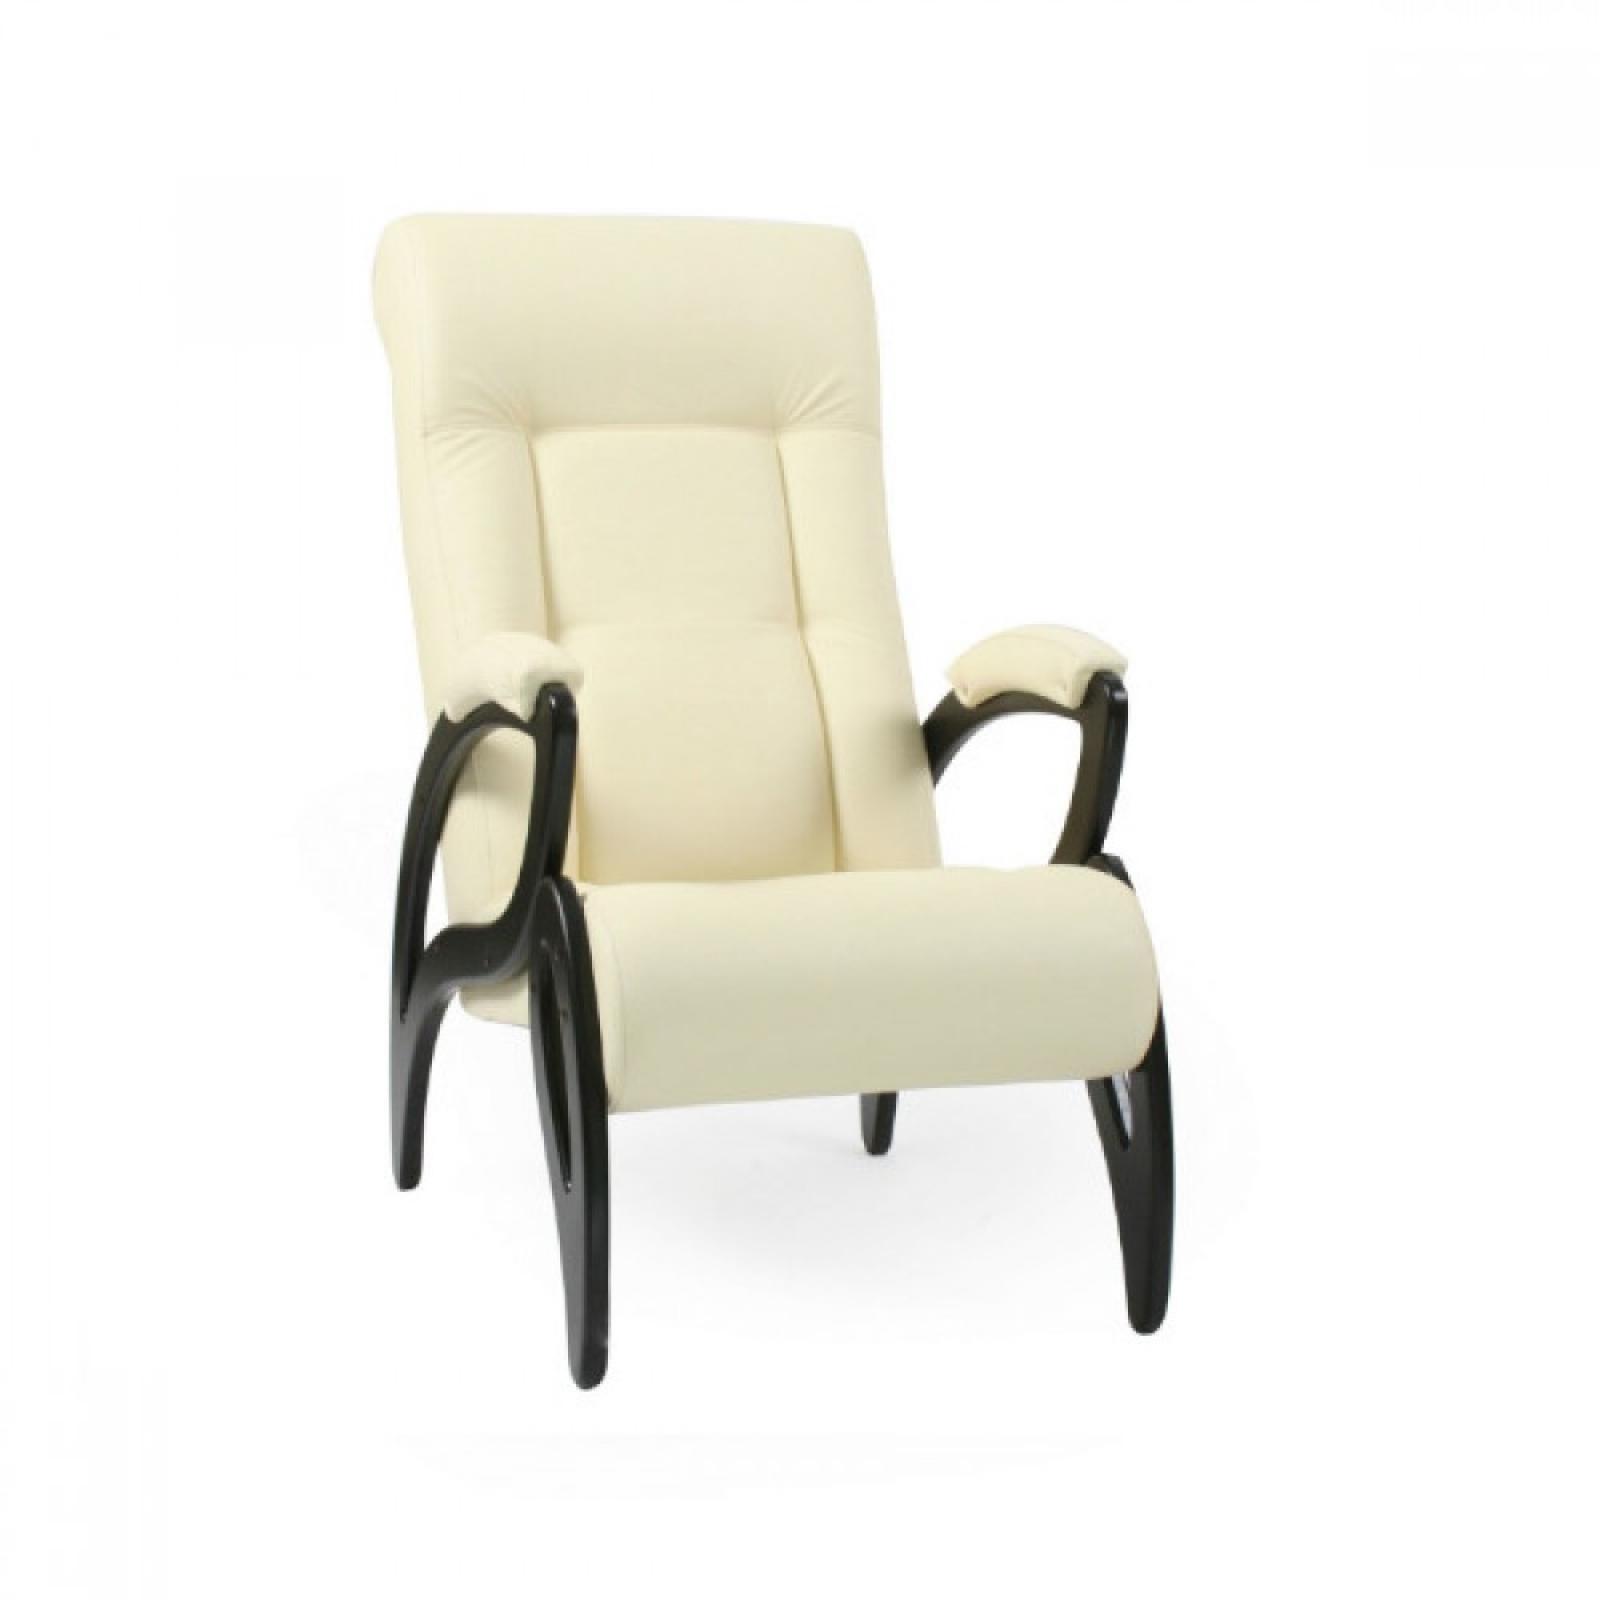 Кресло для отдыха, Модель 51 Венге/Манго 002 - 1